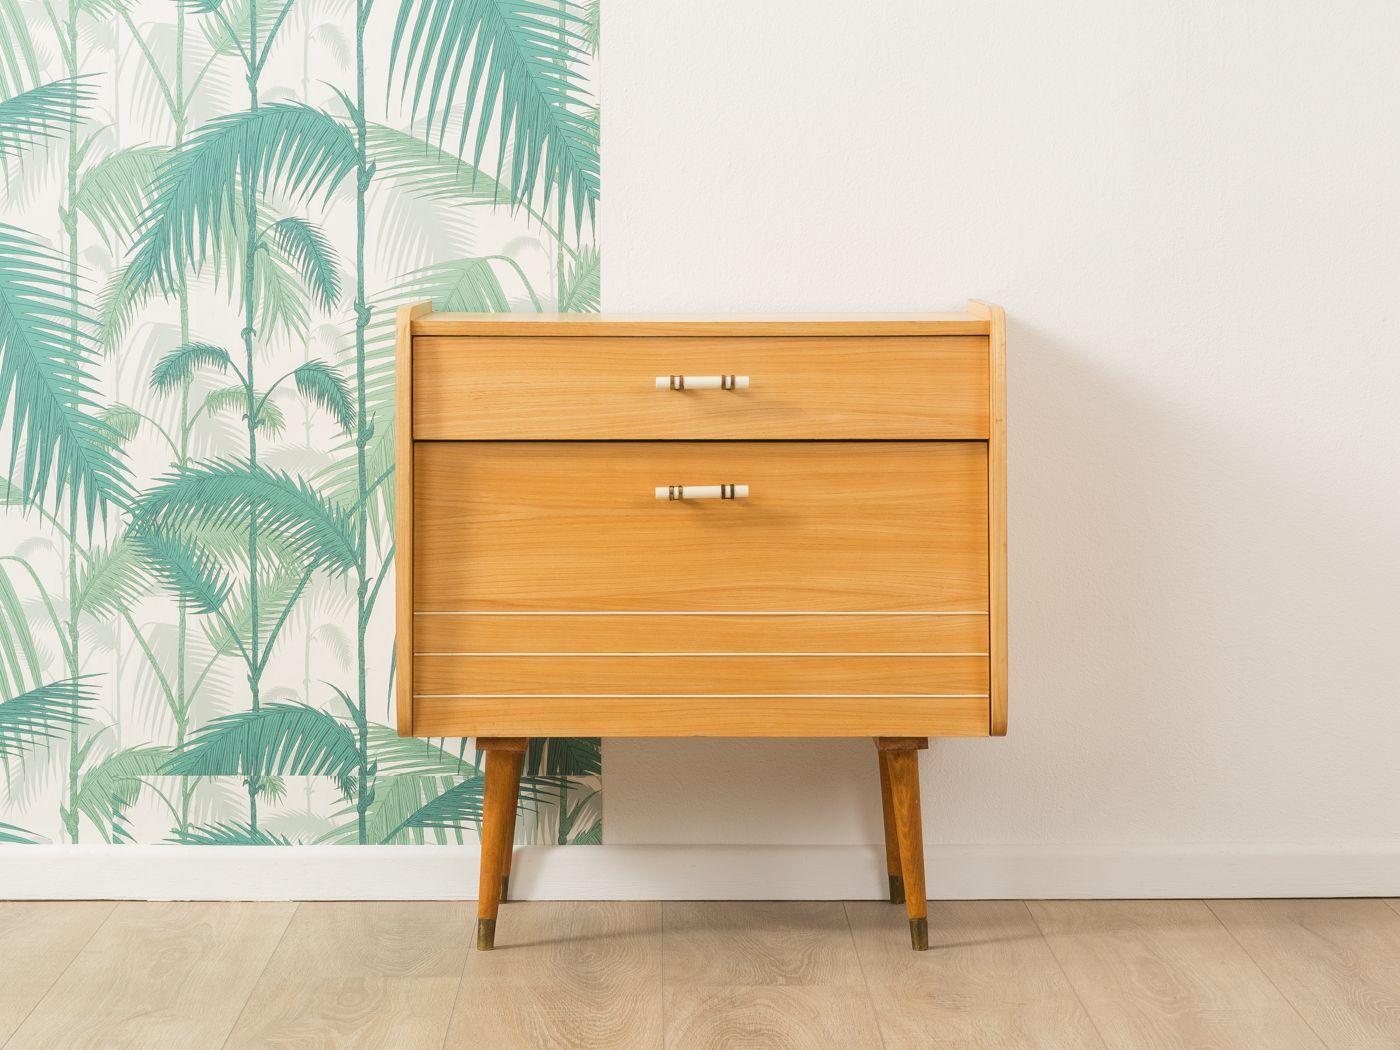 Kommode Vintage Bunt Sideboard Furniture South Africa